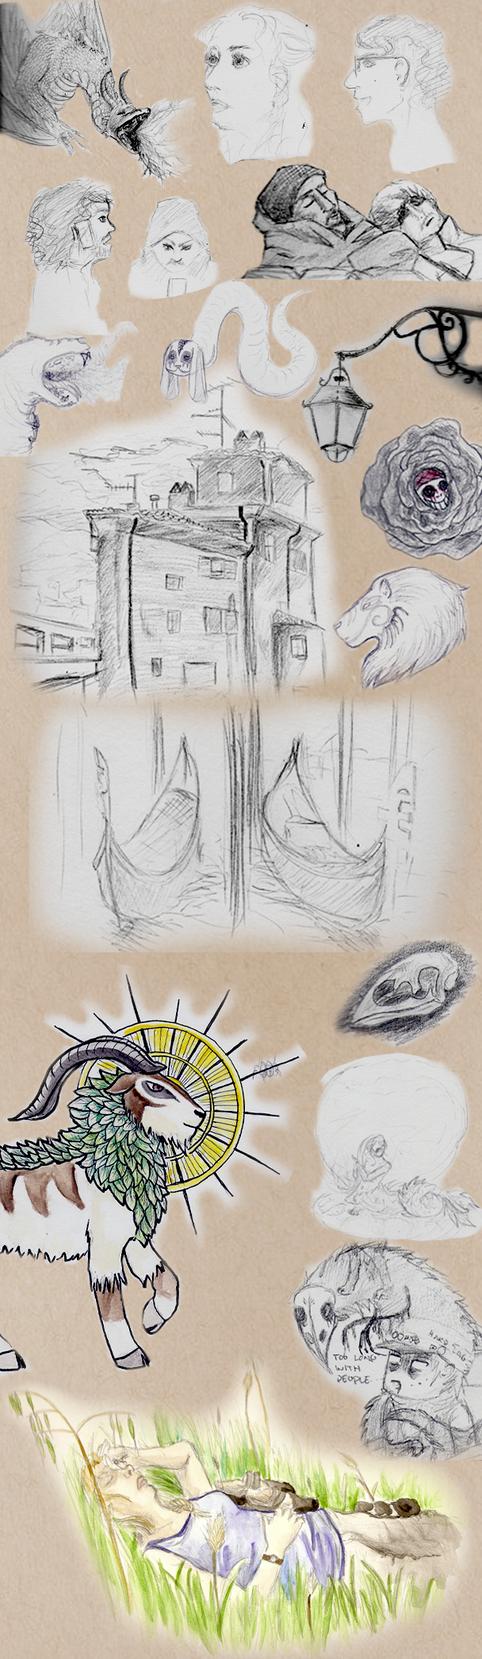 DoodleDump 1 by XxxSudden-DeathxxX